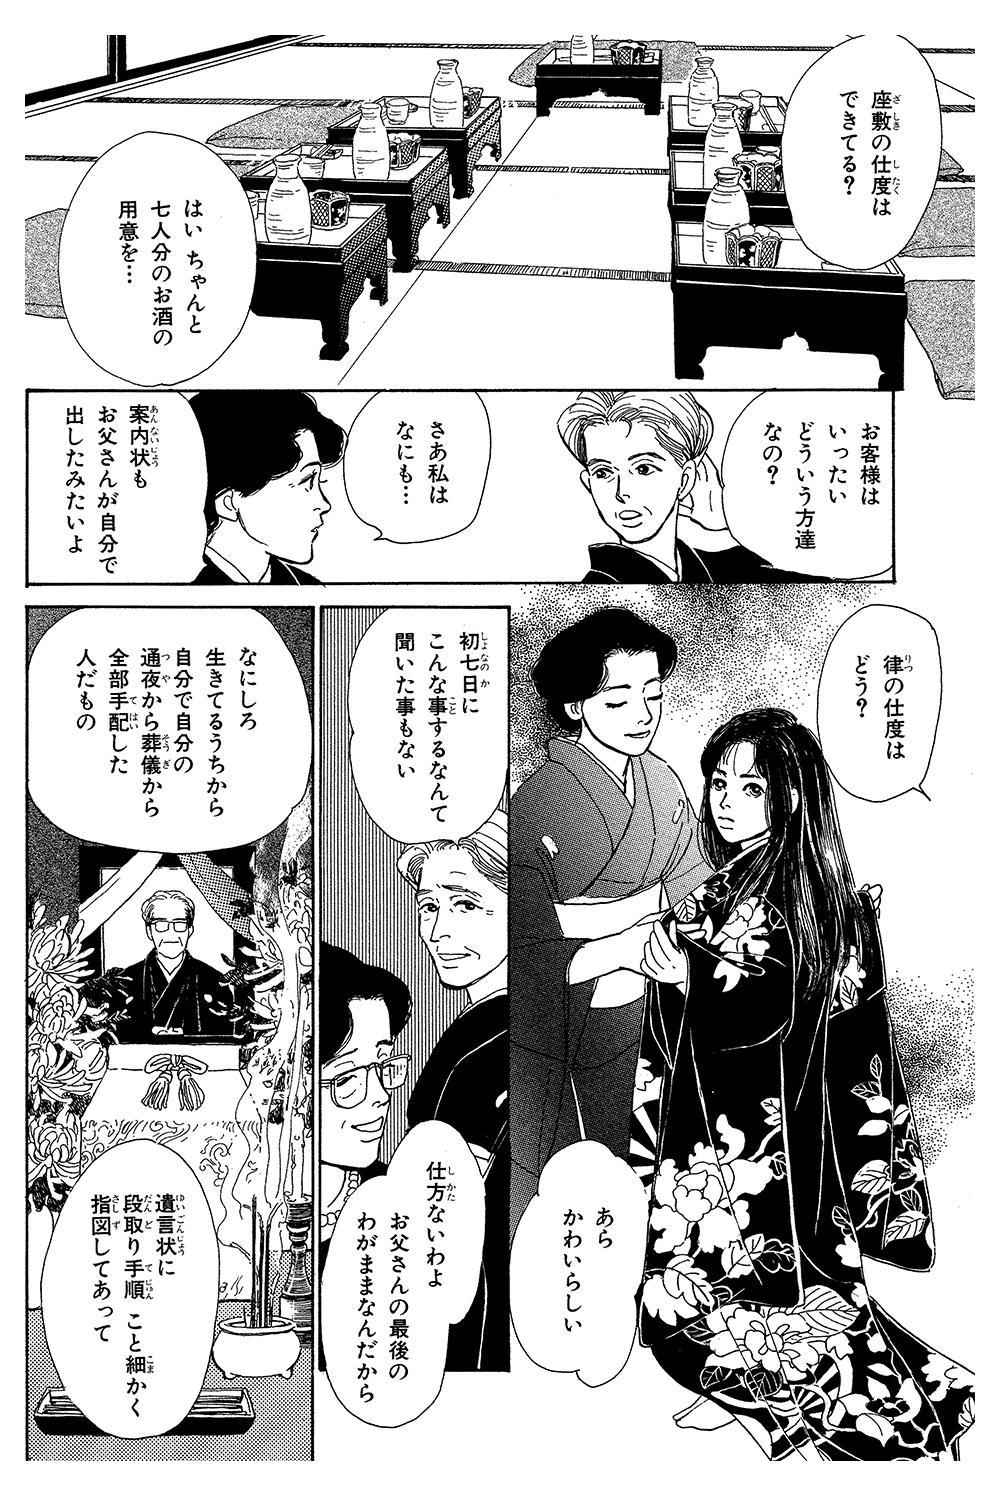 百鬼夜行抄 序章「精進おとしの客」hyakki02.jpg